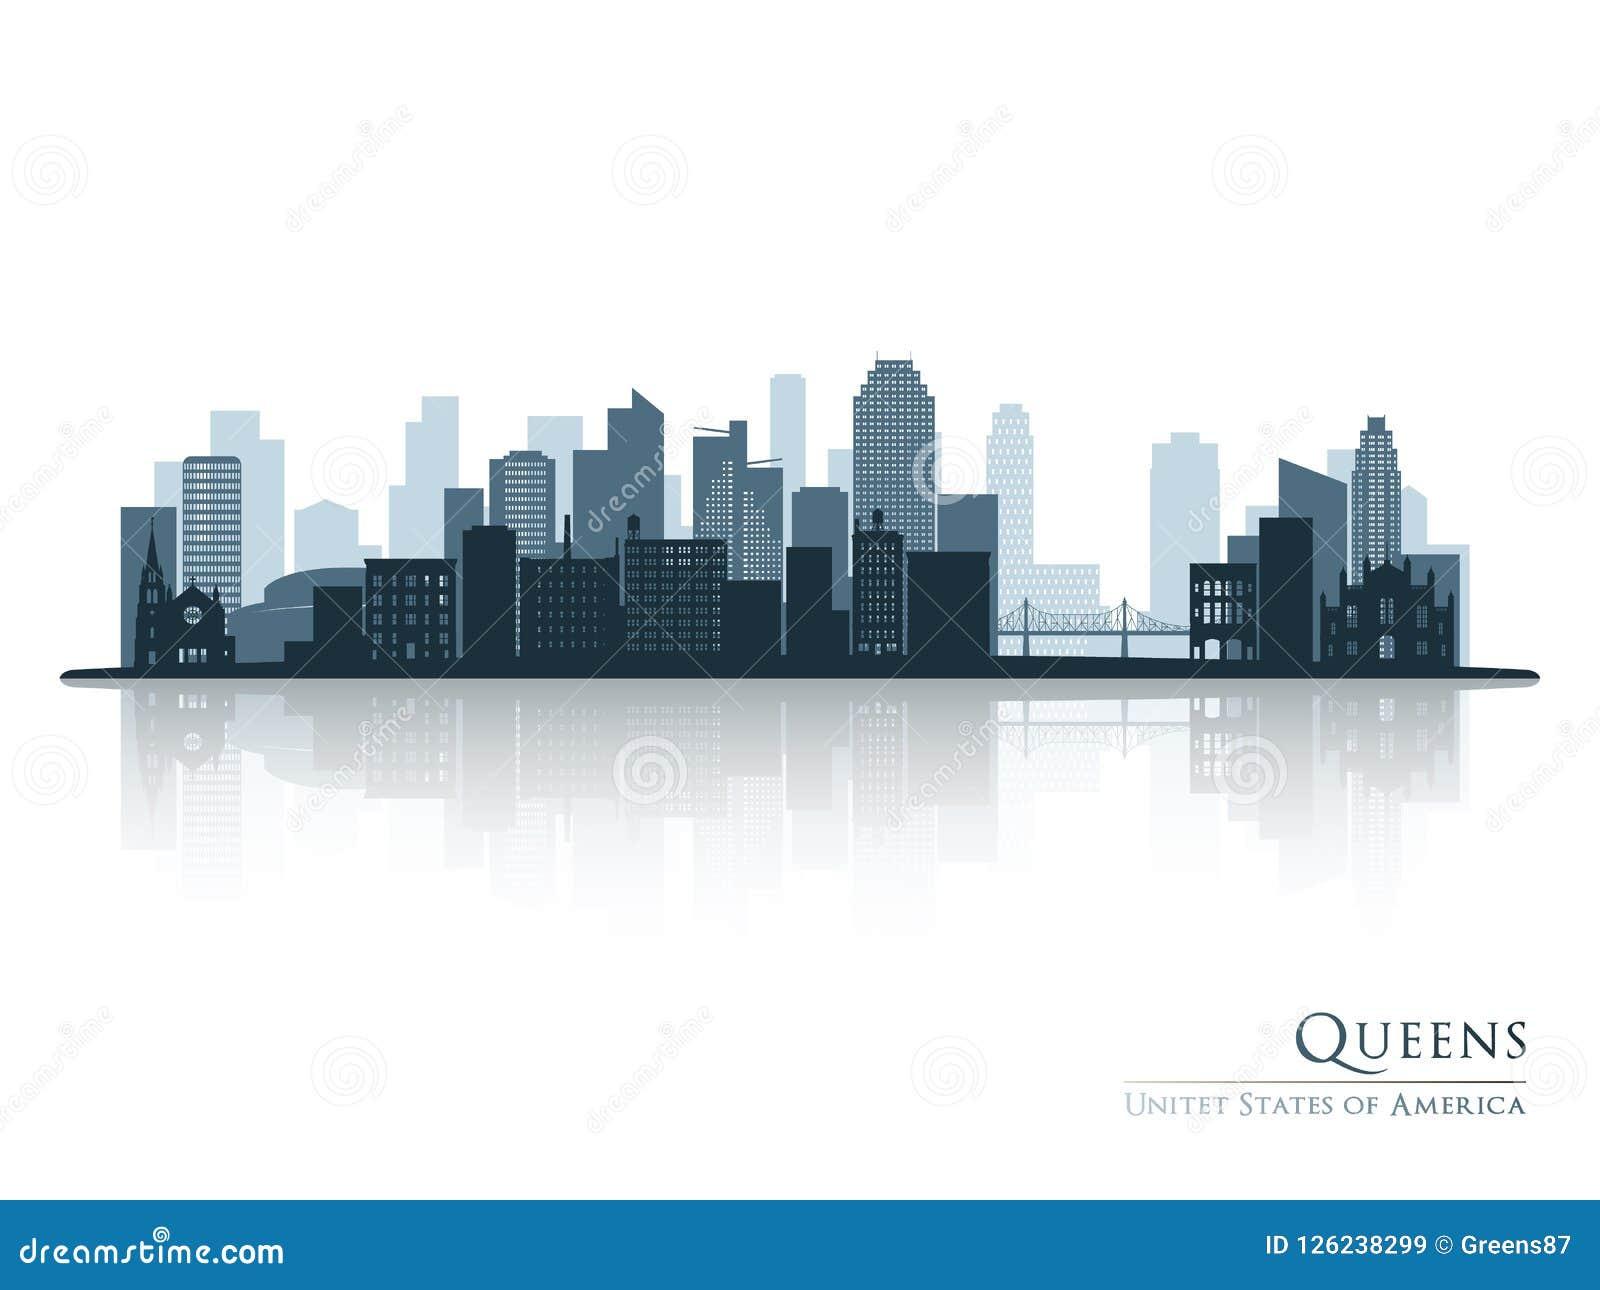 Queens, blauw de horizonsilhouet van New York met bezinning